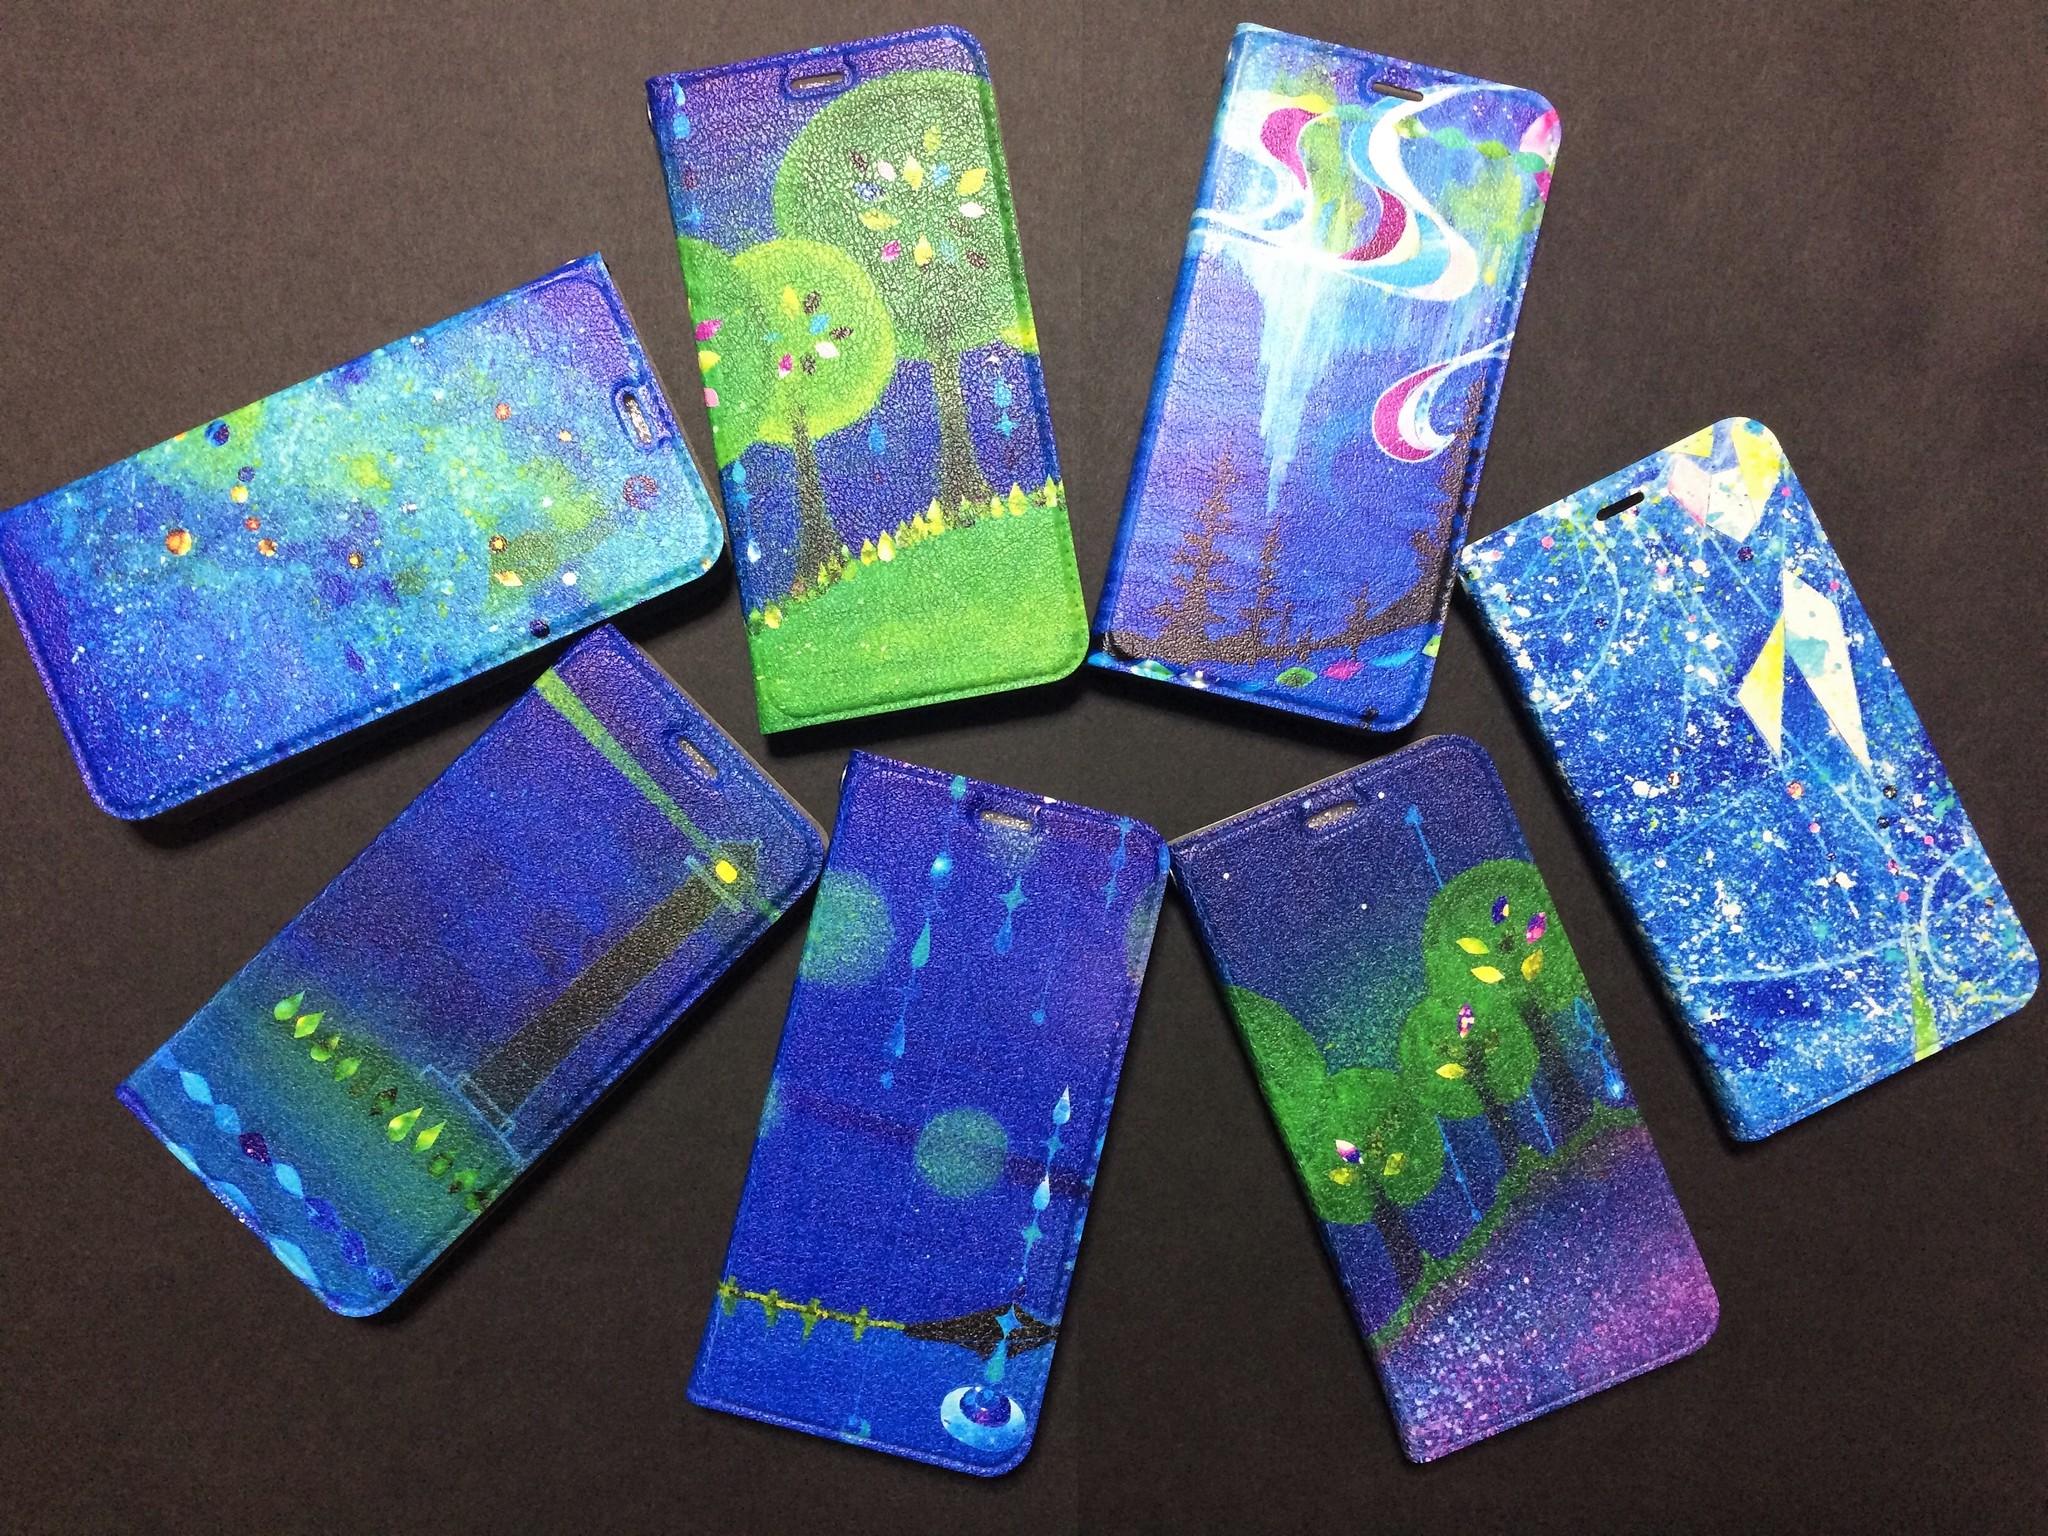 「碧い世界」シリーズの手帳型スマホケース、帯なしになりました